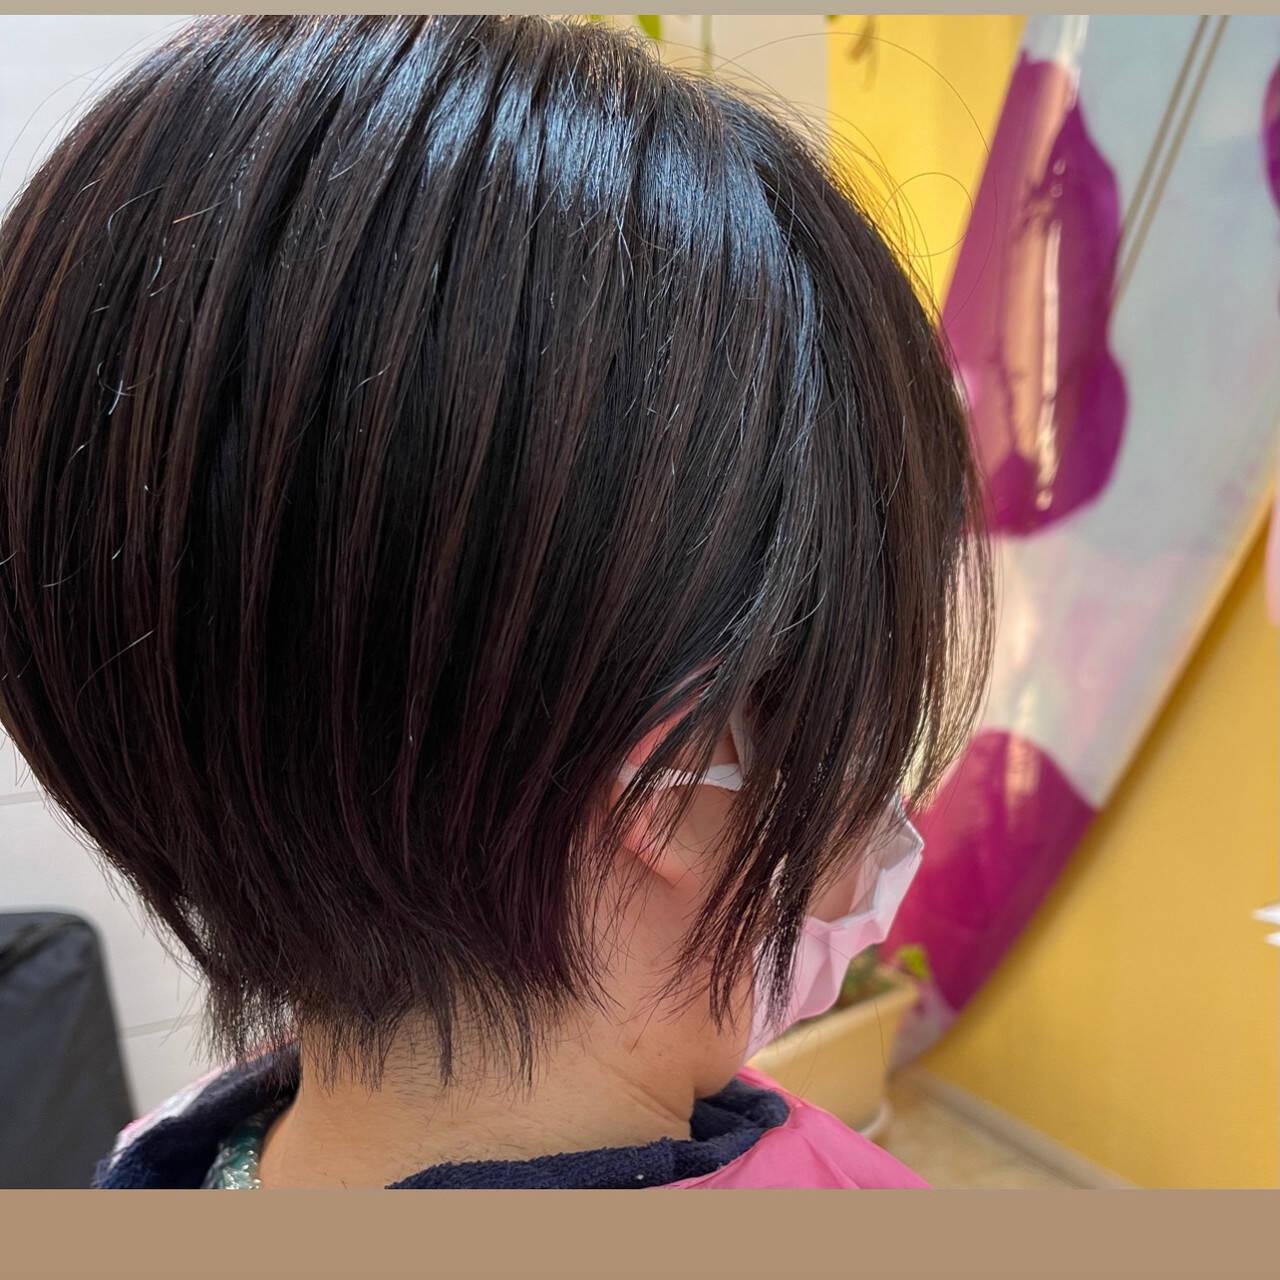 ミニボブ ショートボブ ショートヘア ウルフカットヘアスタイルや髪型の写真・画像